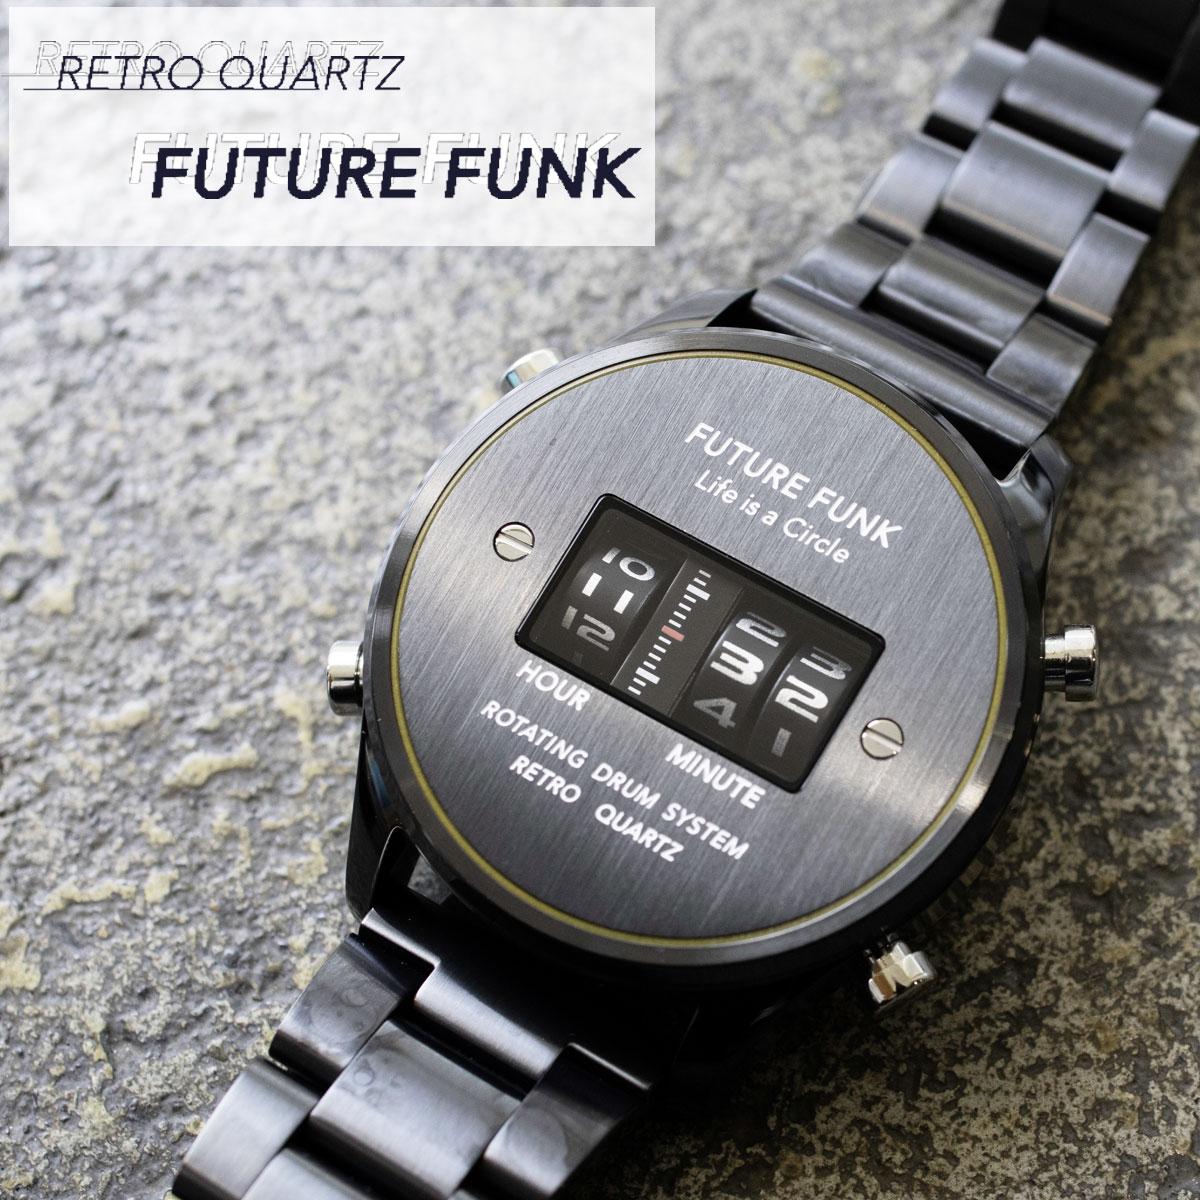 FUTURE FUNK フューチャーファンク FF102-BKYL-MT クオーツ腕時計 メンズ ブラック アナログ デジタル ウォッチ メタルバンド ギフト プレゼント